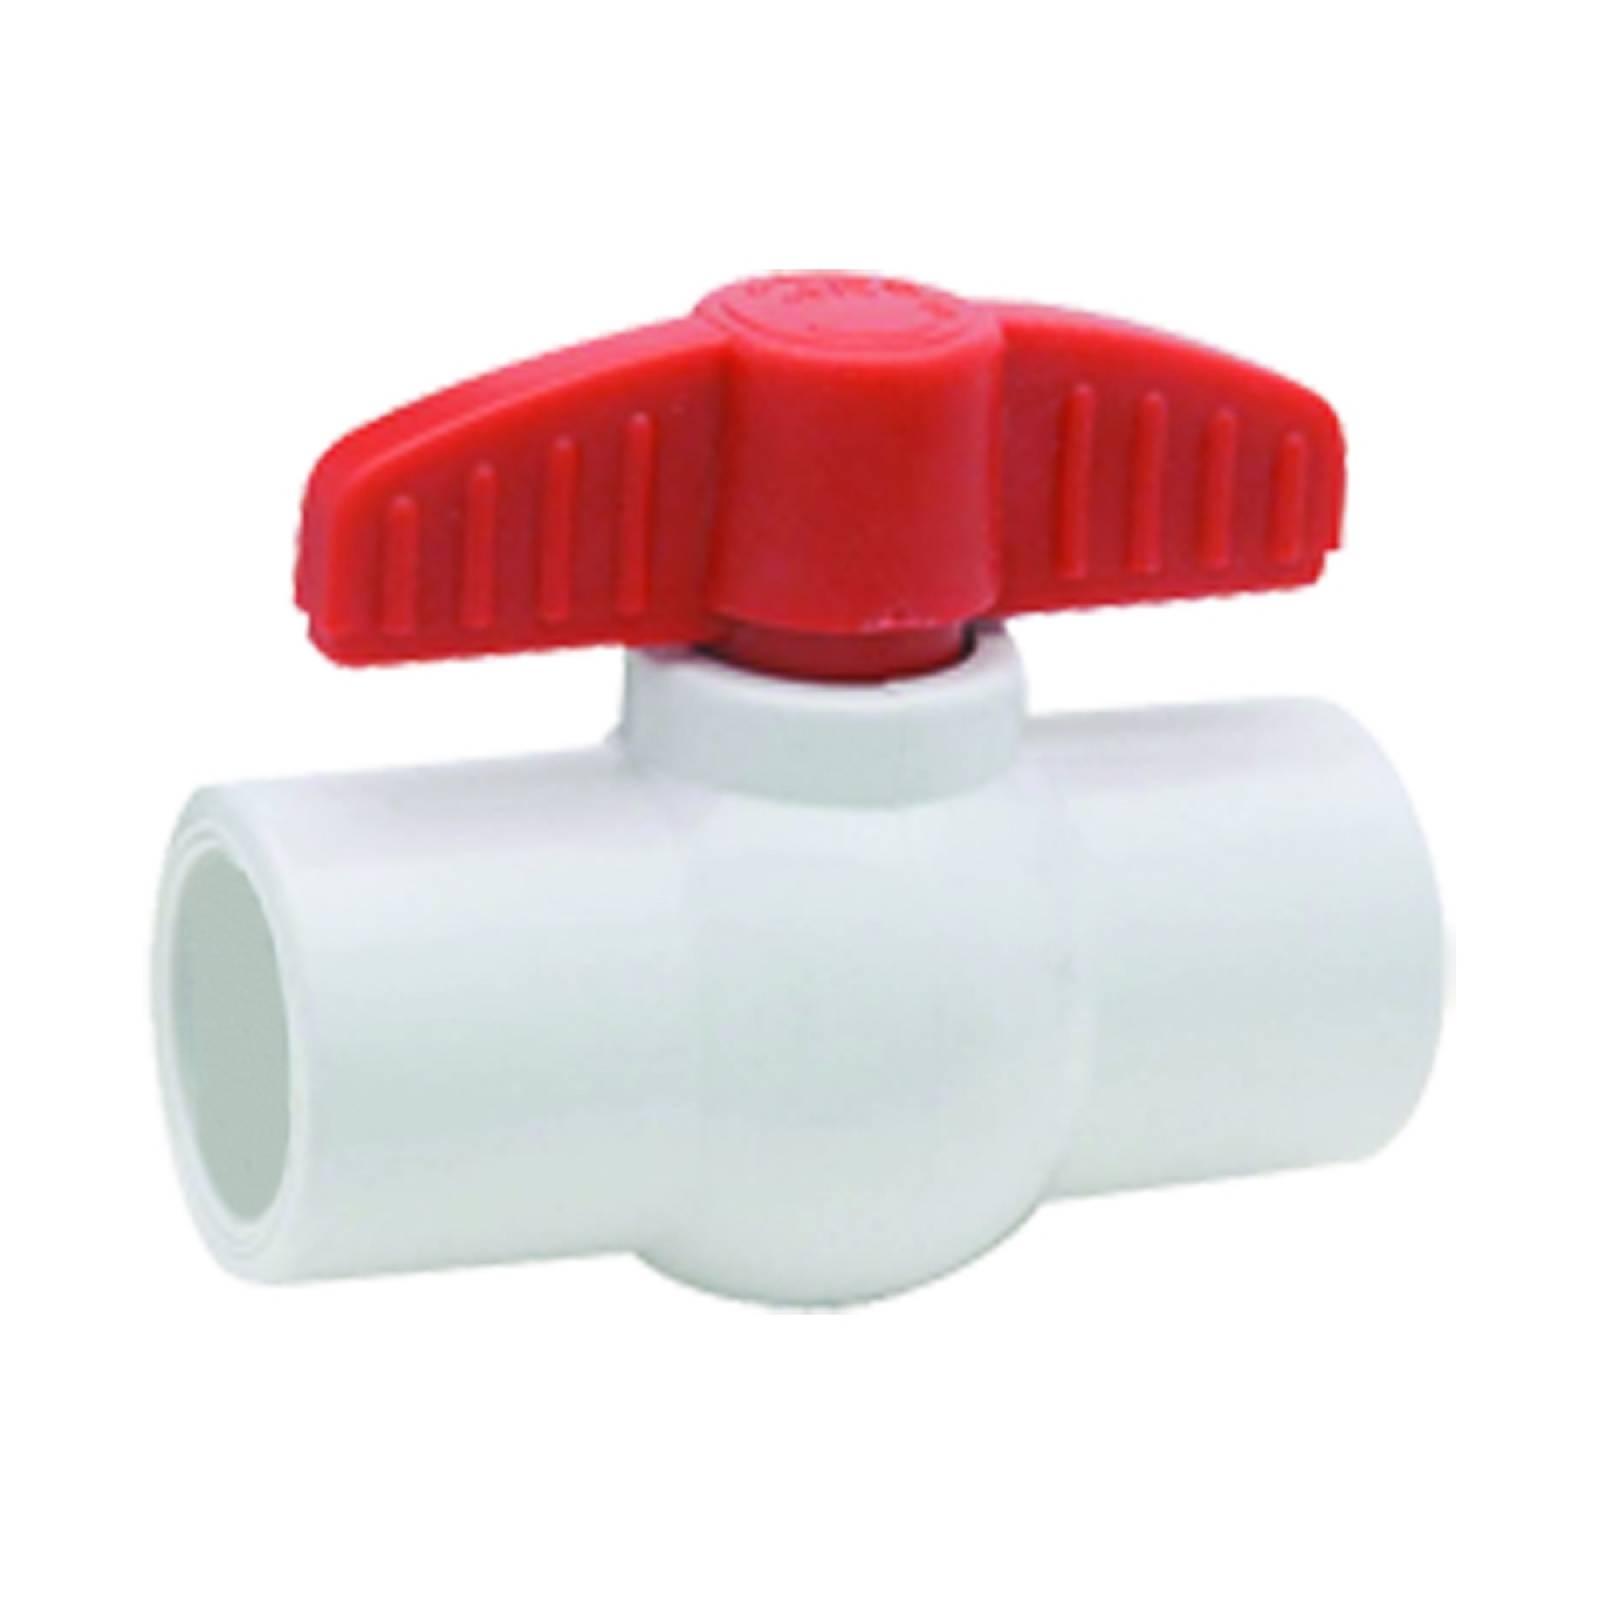 Válvula de esfera en PVC cementar 1/2in 4577.13 DICA